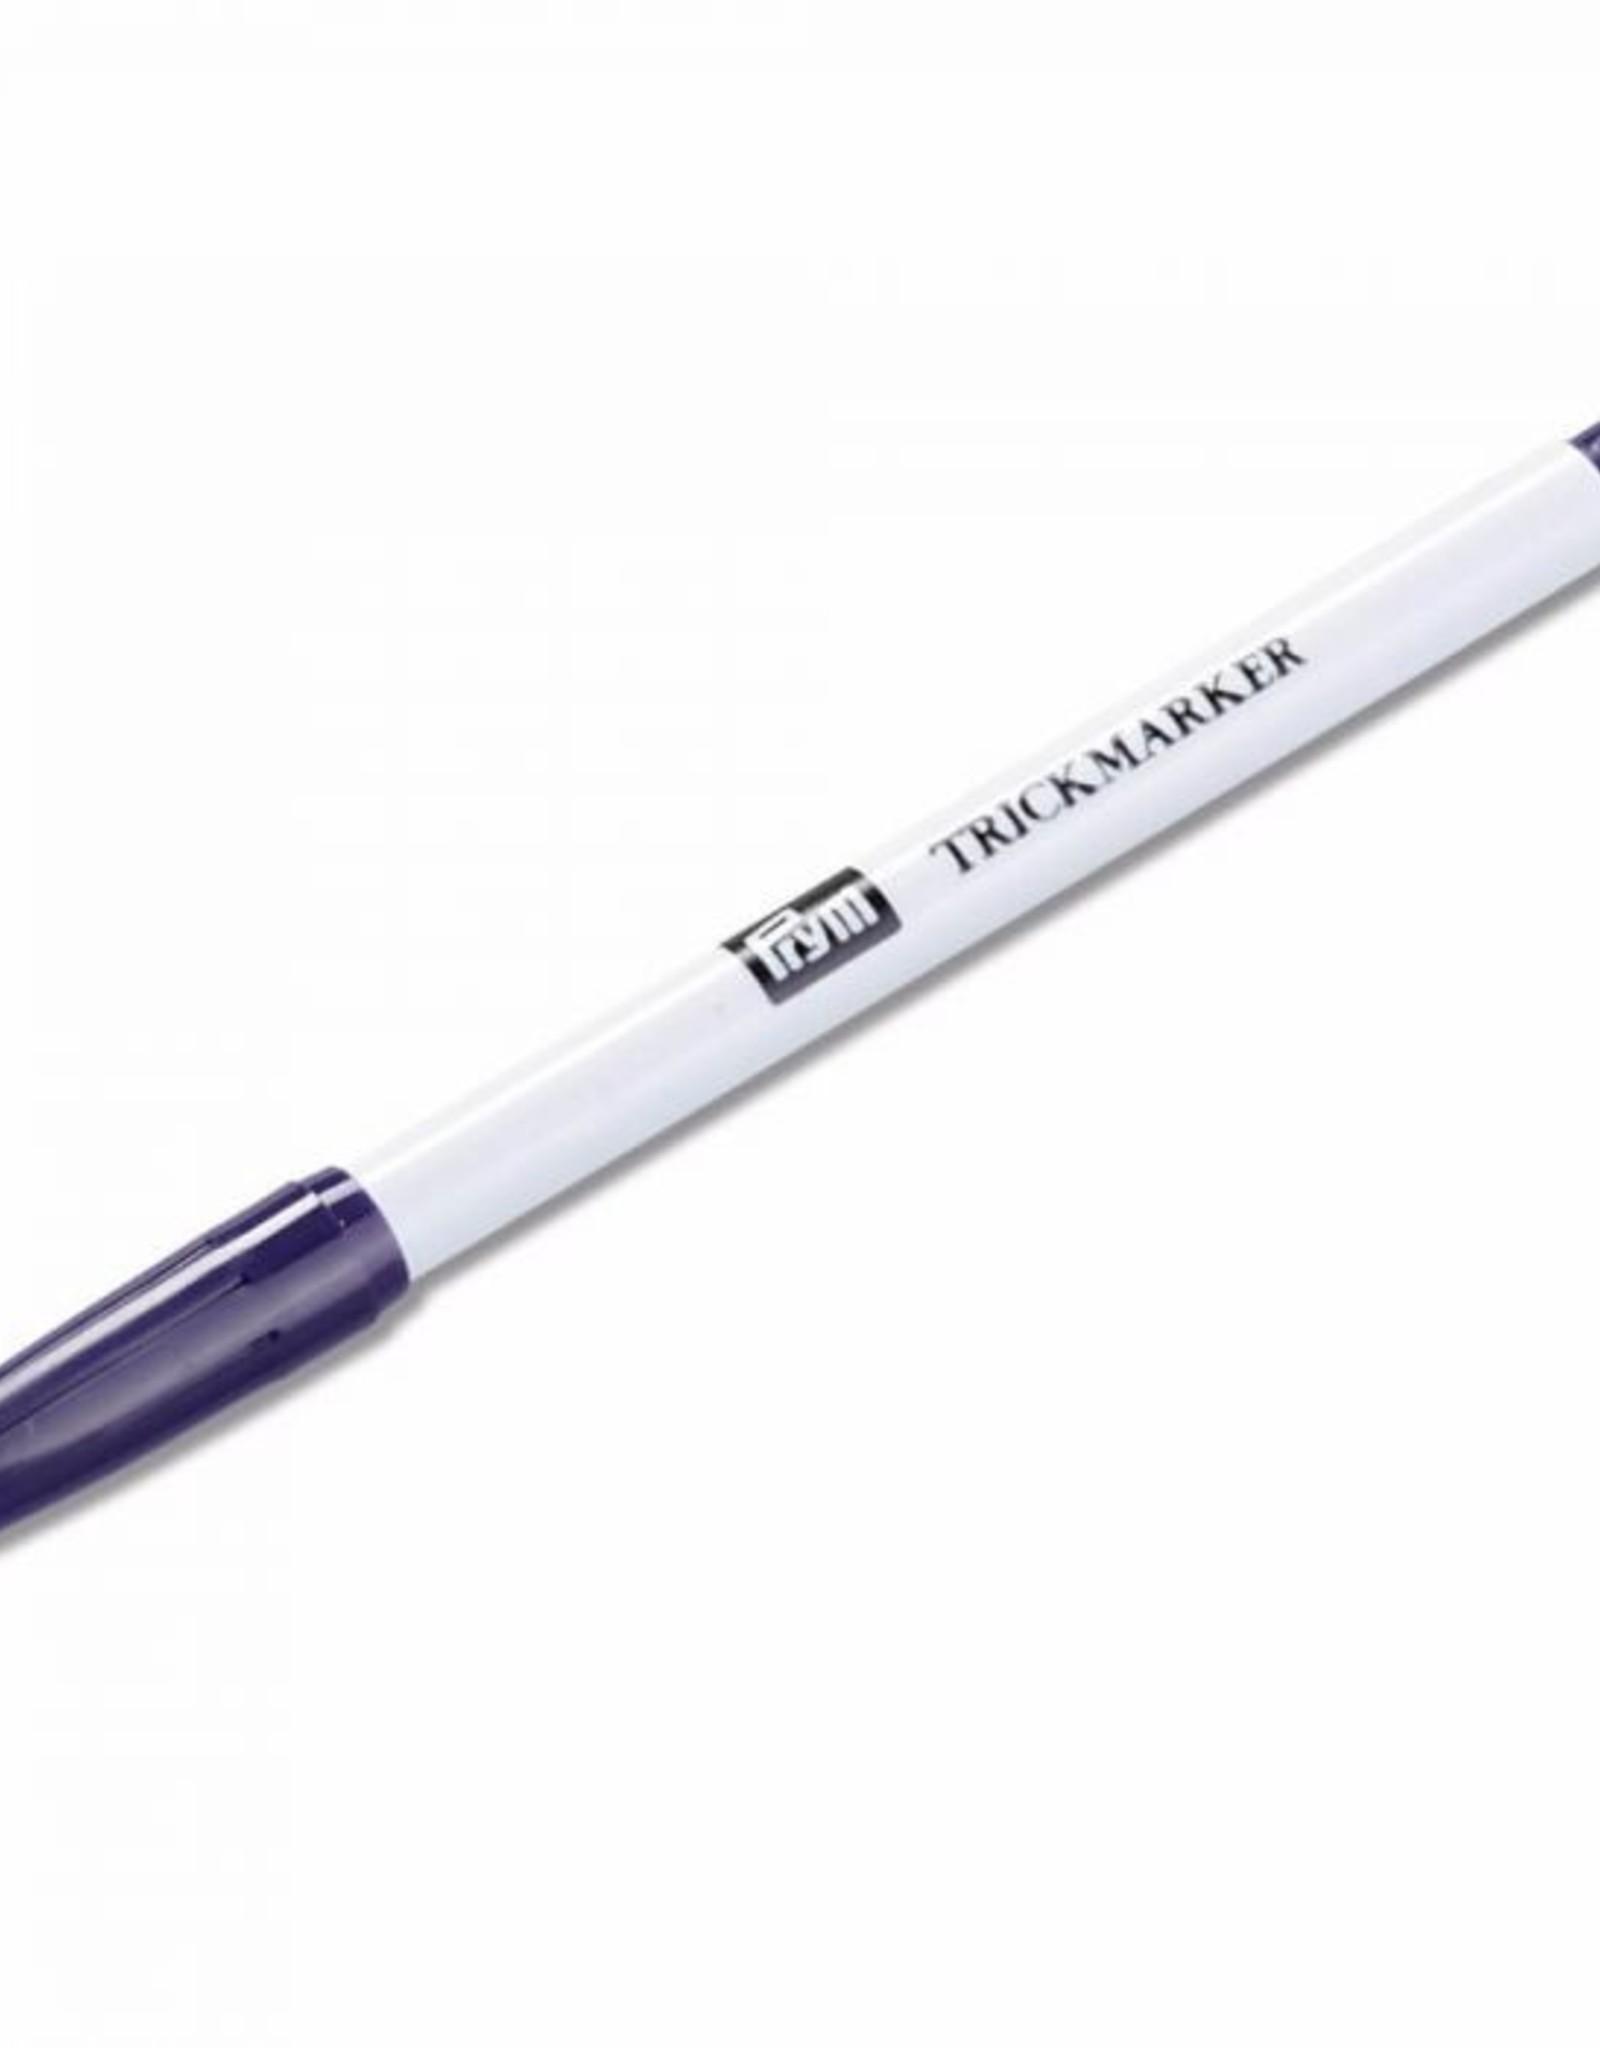 Prym Prym - markeerpen Trick marker, lost vanzelf op - 611 809